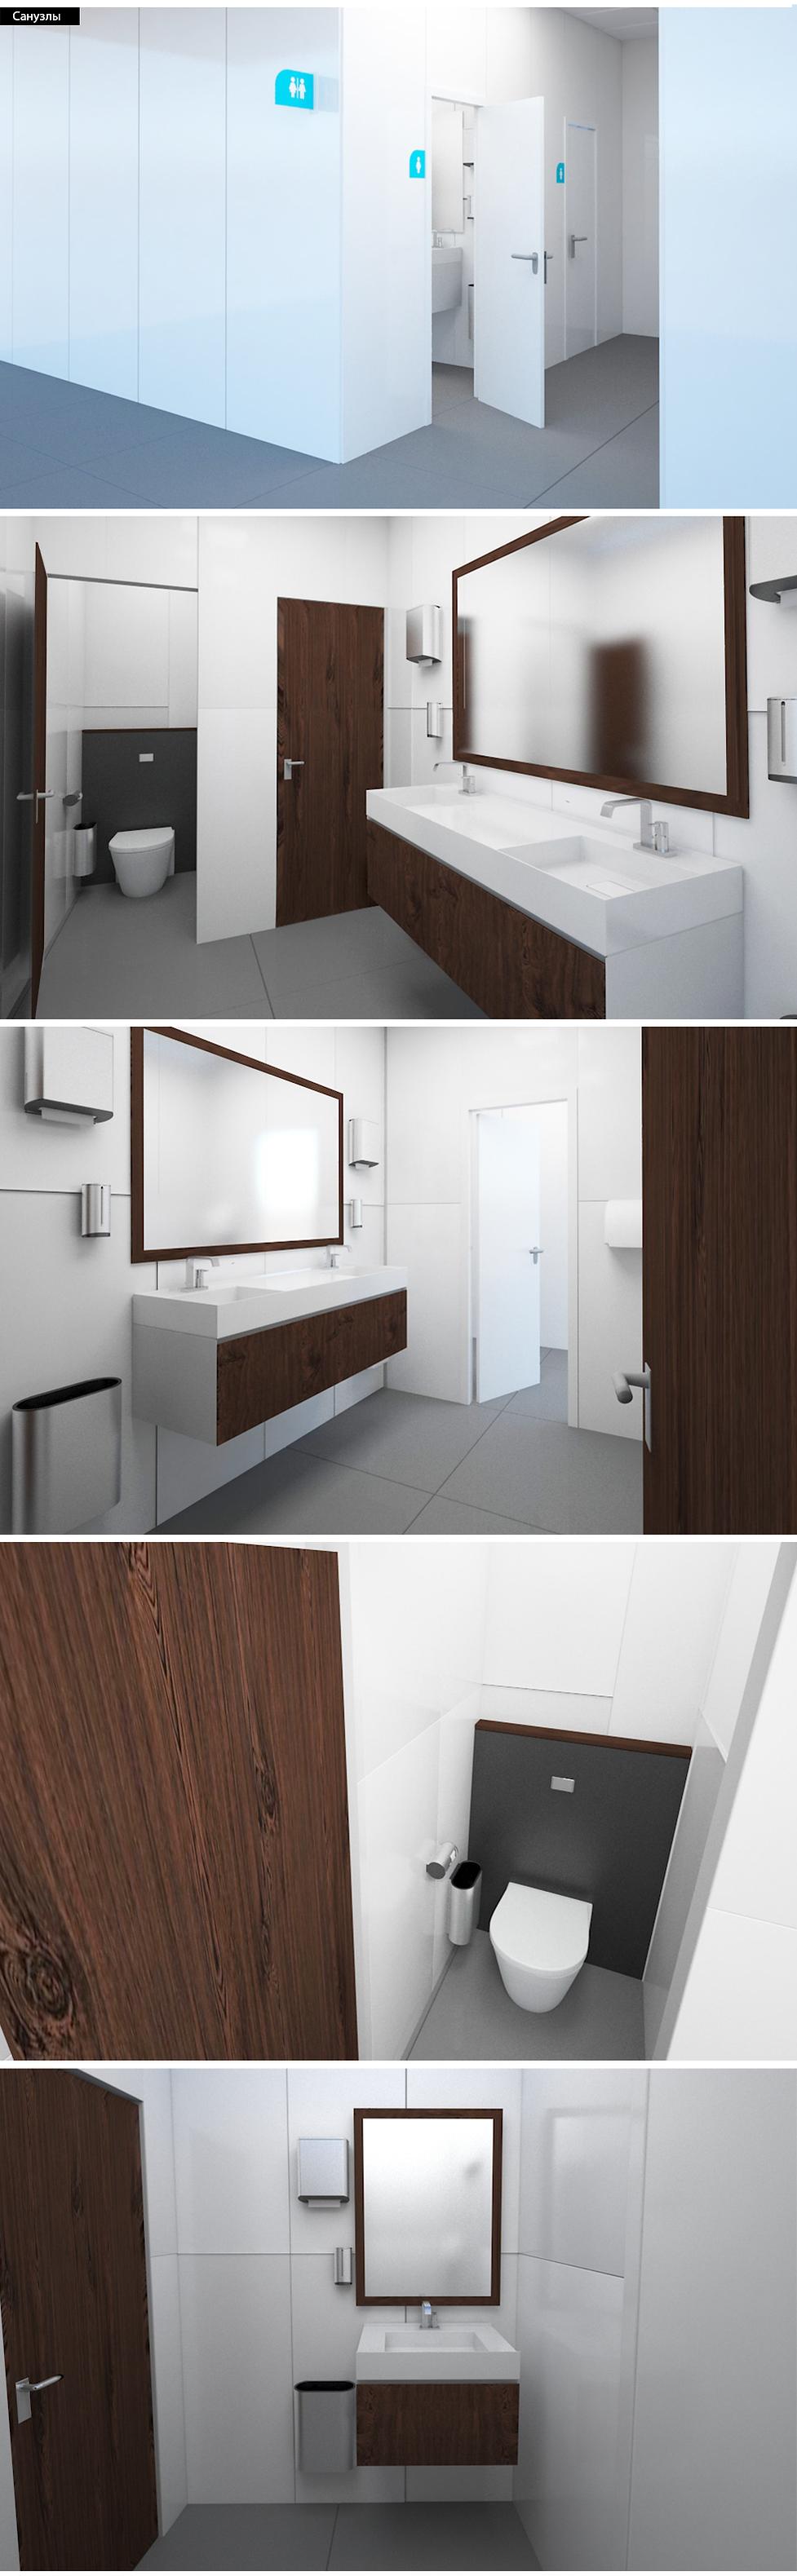 020 dizaini da proeqtireba.png